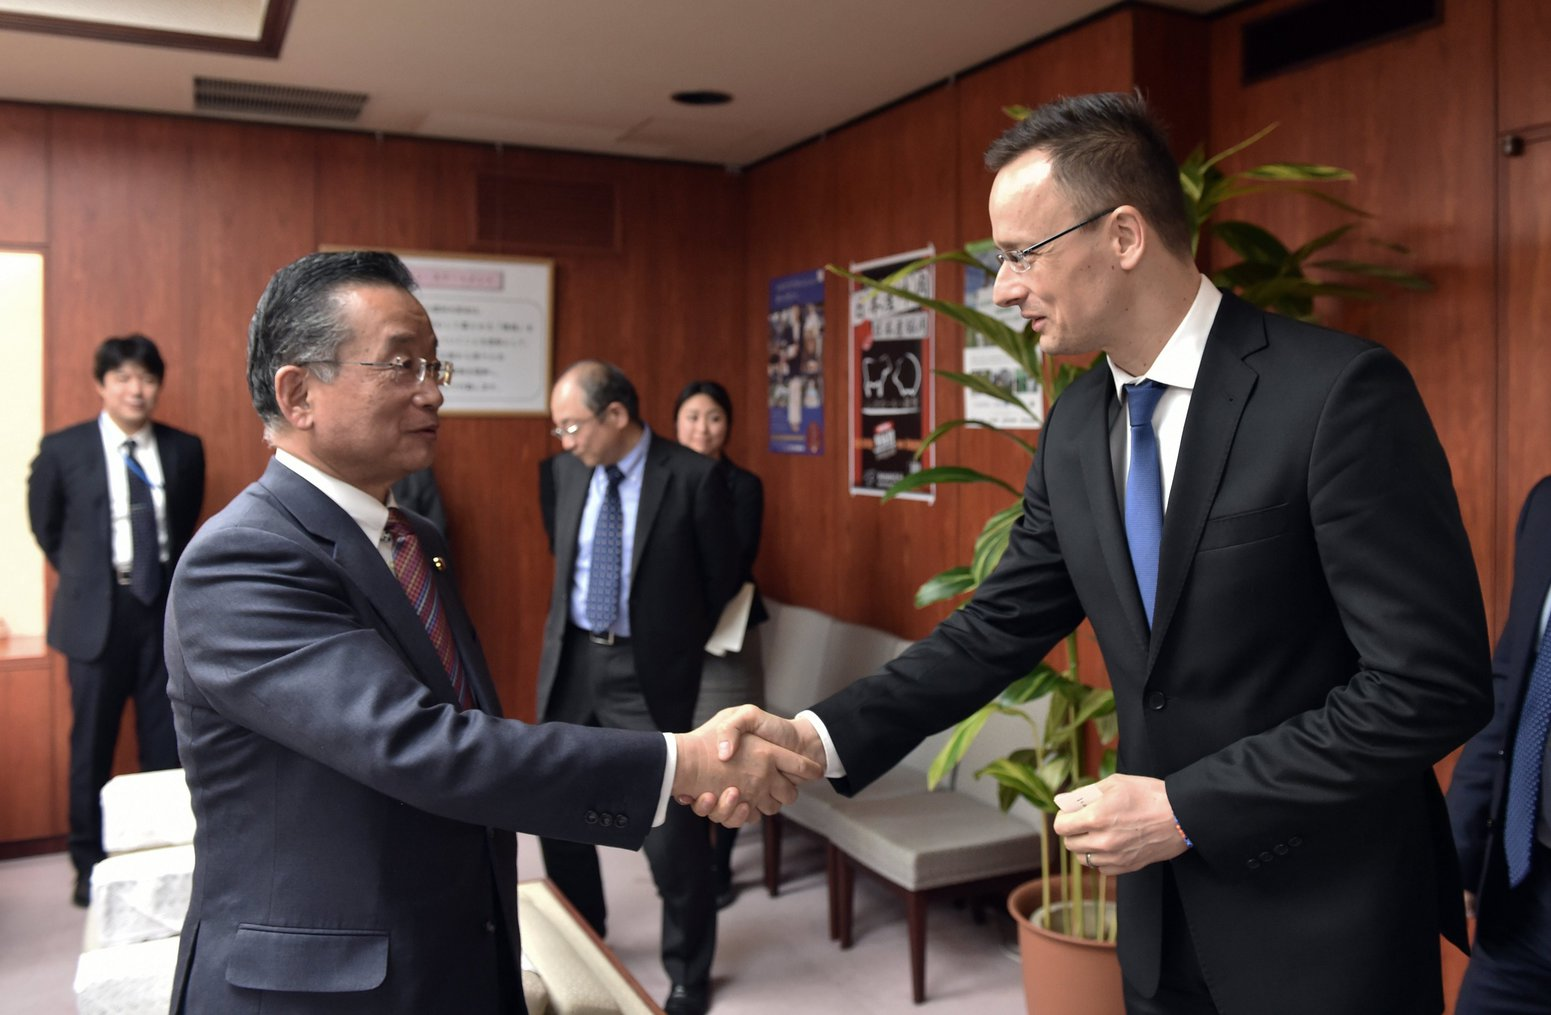 Szijjártó Péter külgazdasági és külügyminiszter és Jamamoto Judzsi mezőgazdasági, erdészeti és halászati miniszter találkozója Tokióban MTI Fotó: KKM